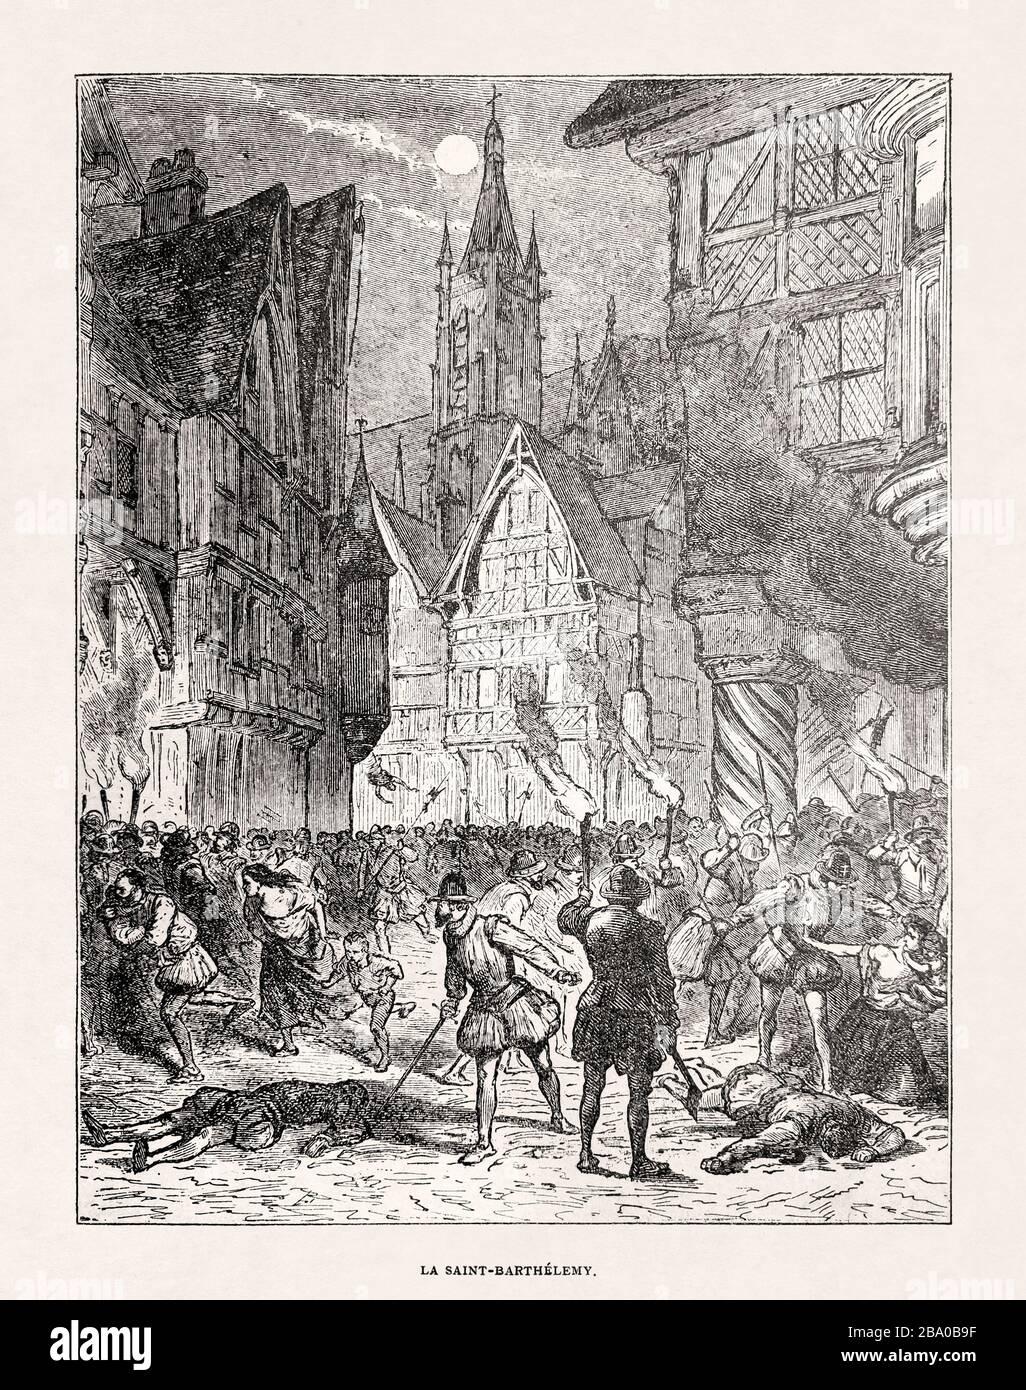 Black & white illustration of the St. Bartholomew's Day massacre. Stock Photo